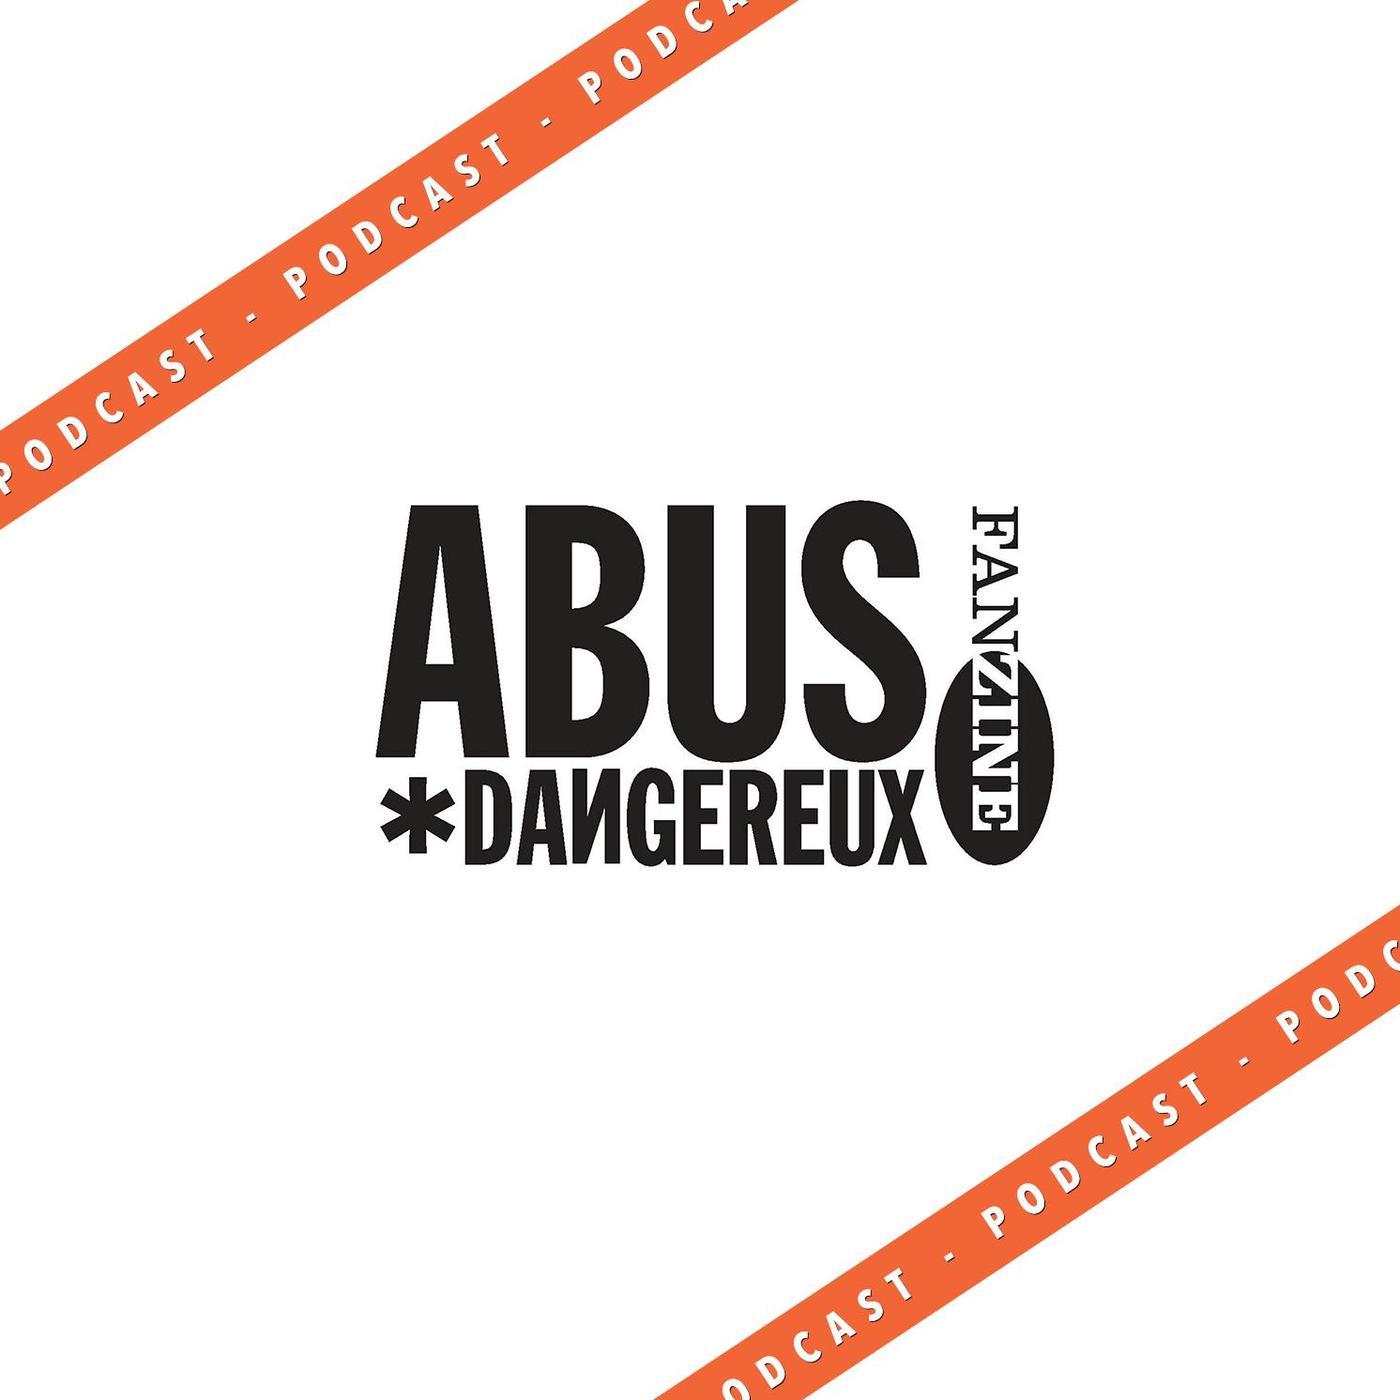 Abus Dangereux 156 - Extrait 1